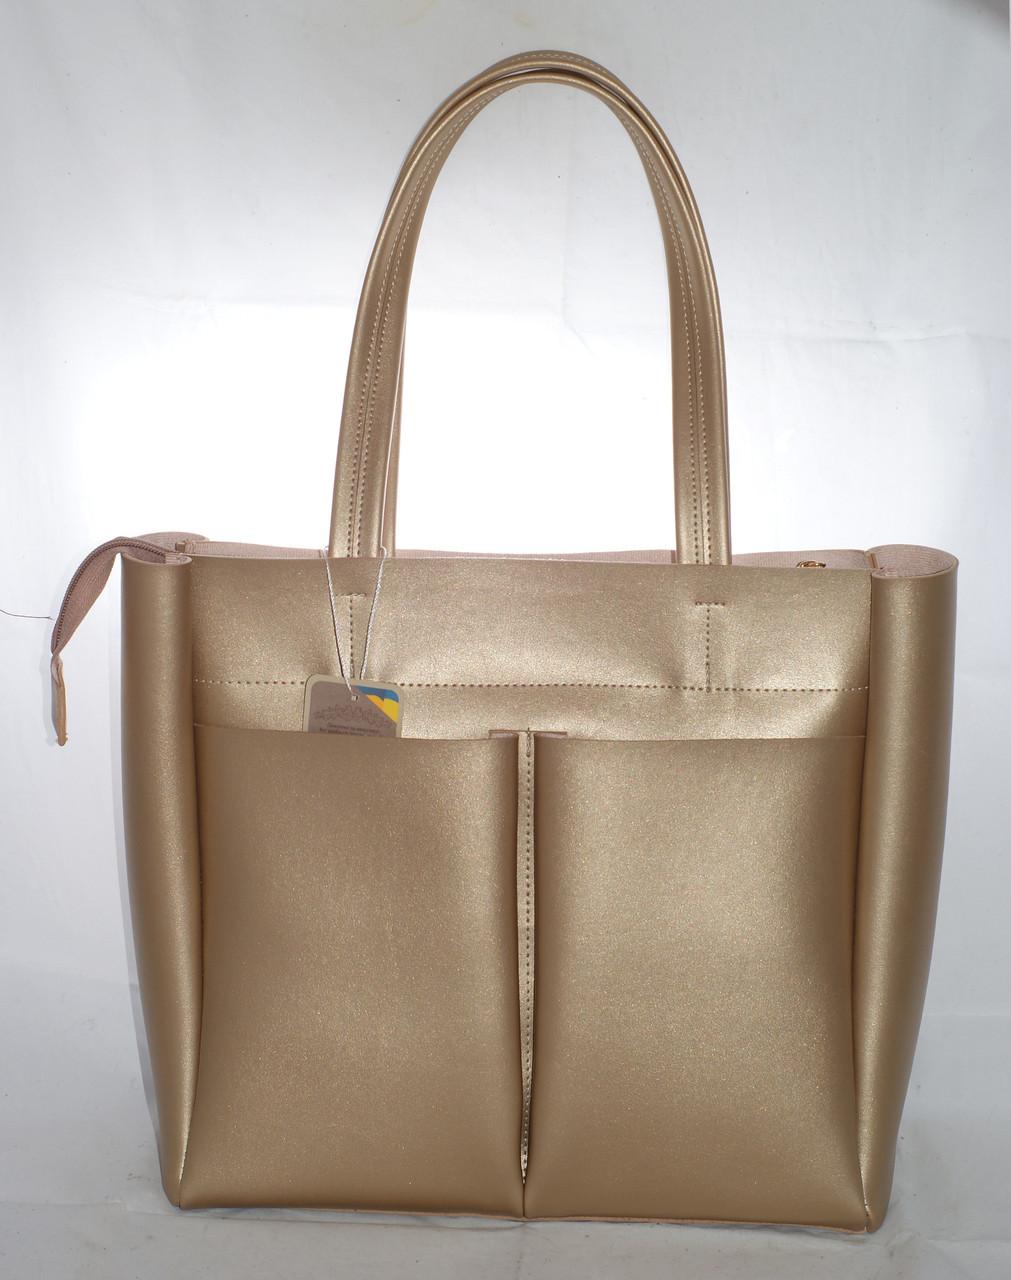 8d98042acb6b Большая женская сумка-шоппер B.Elit, золотистая - Интернет-магазин